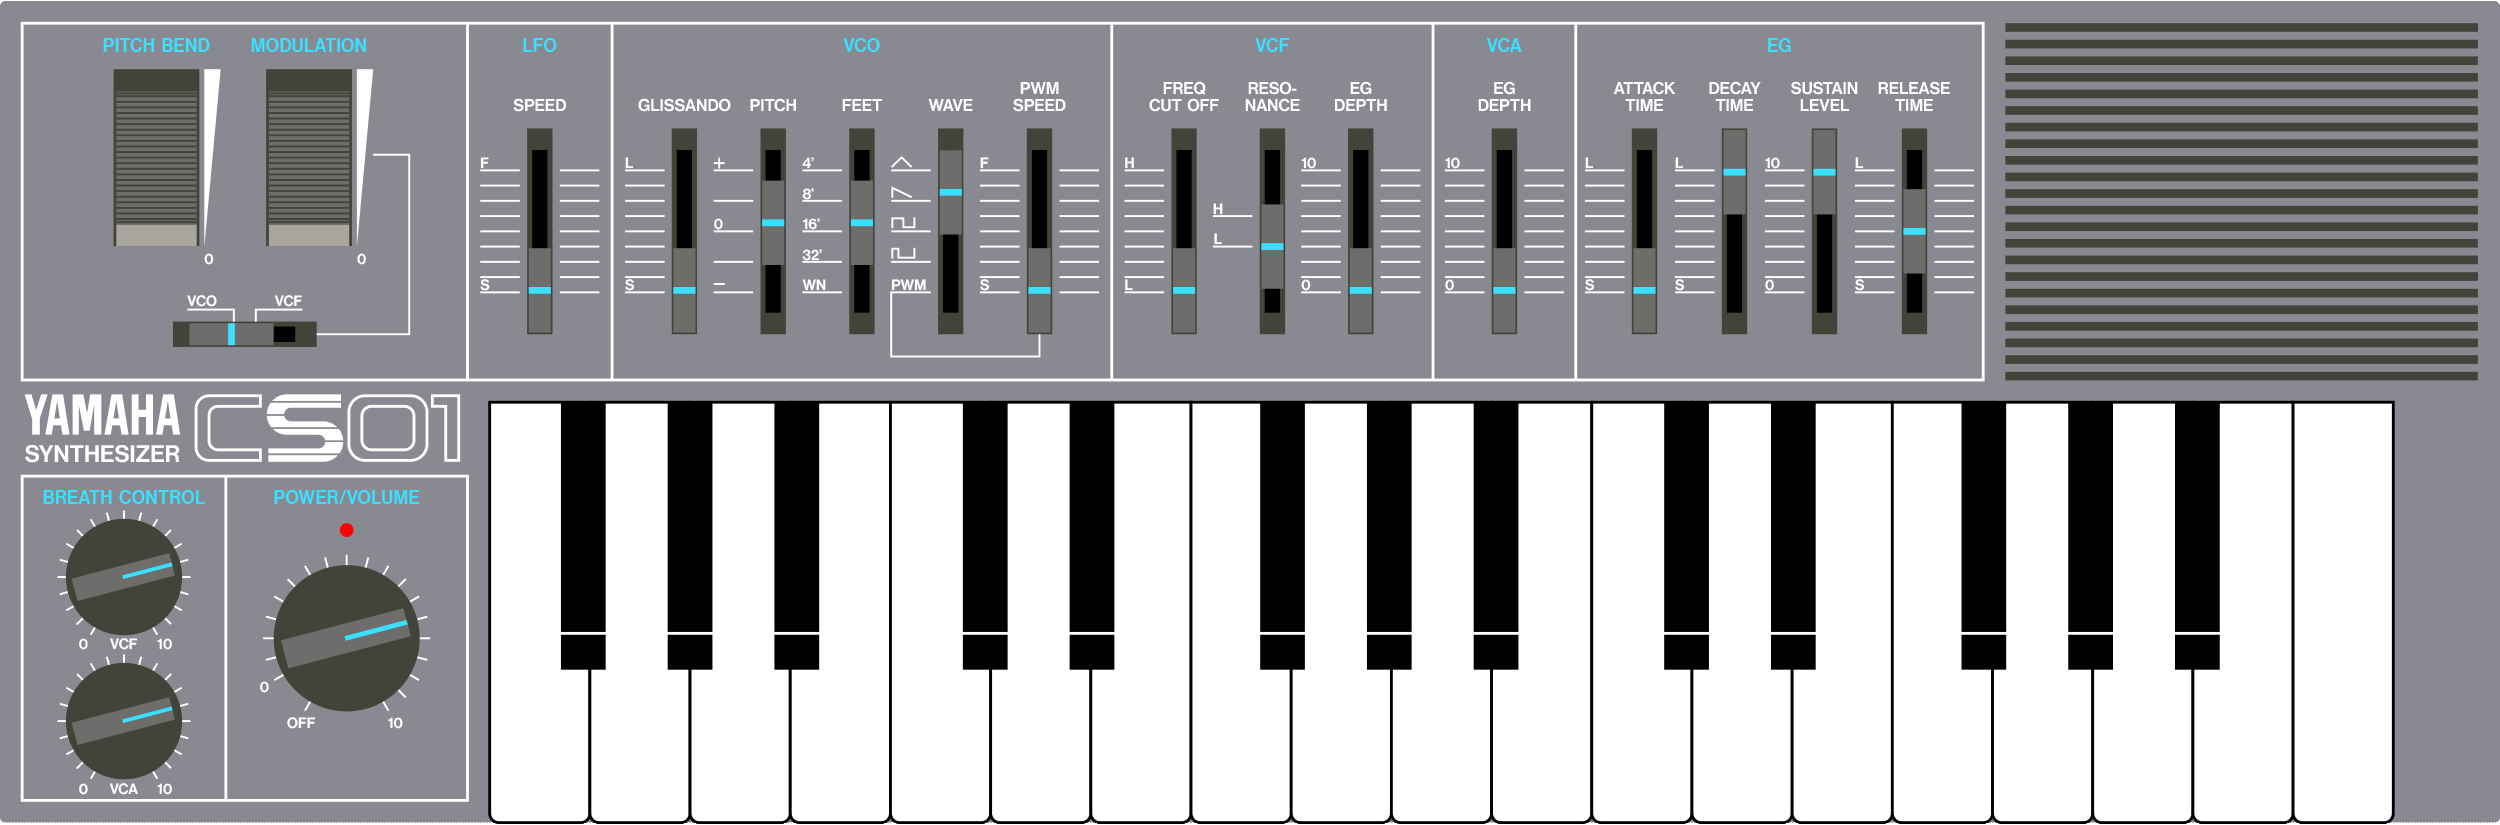 Yamaha CS01 analog micro synthesizer